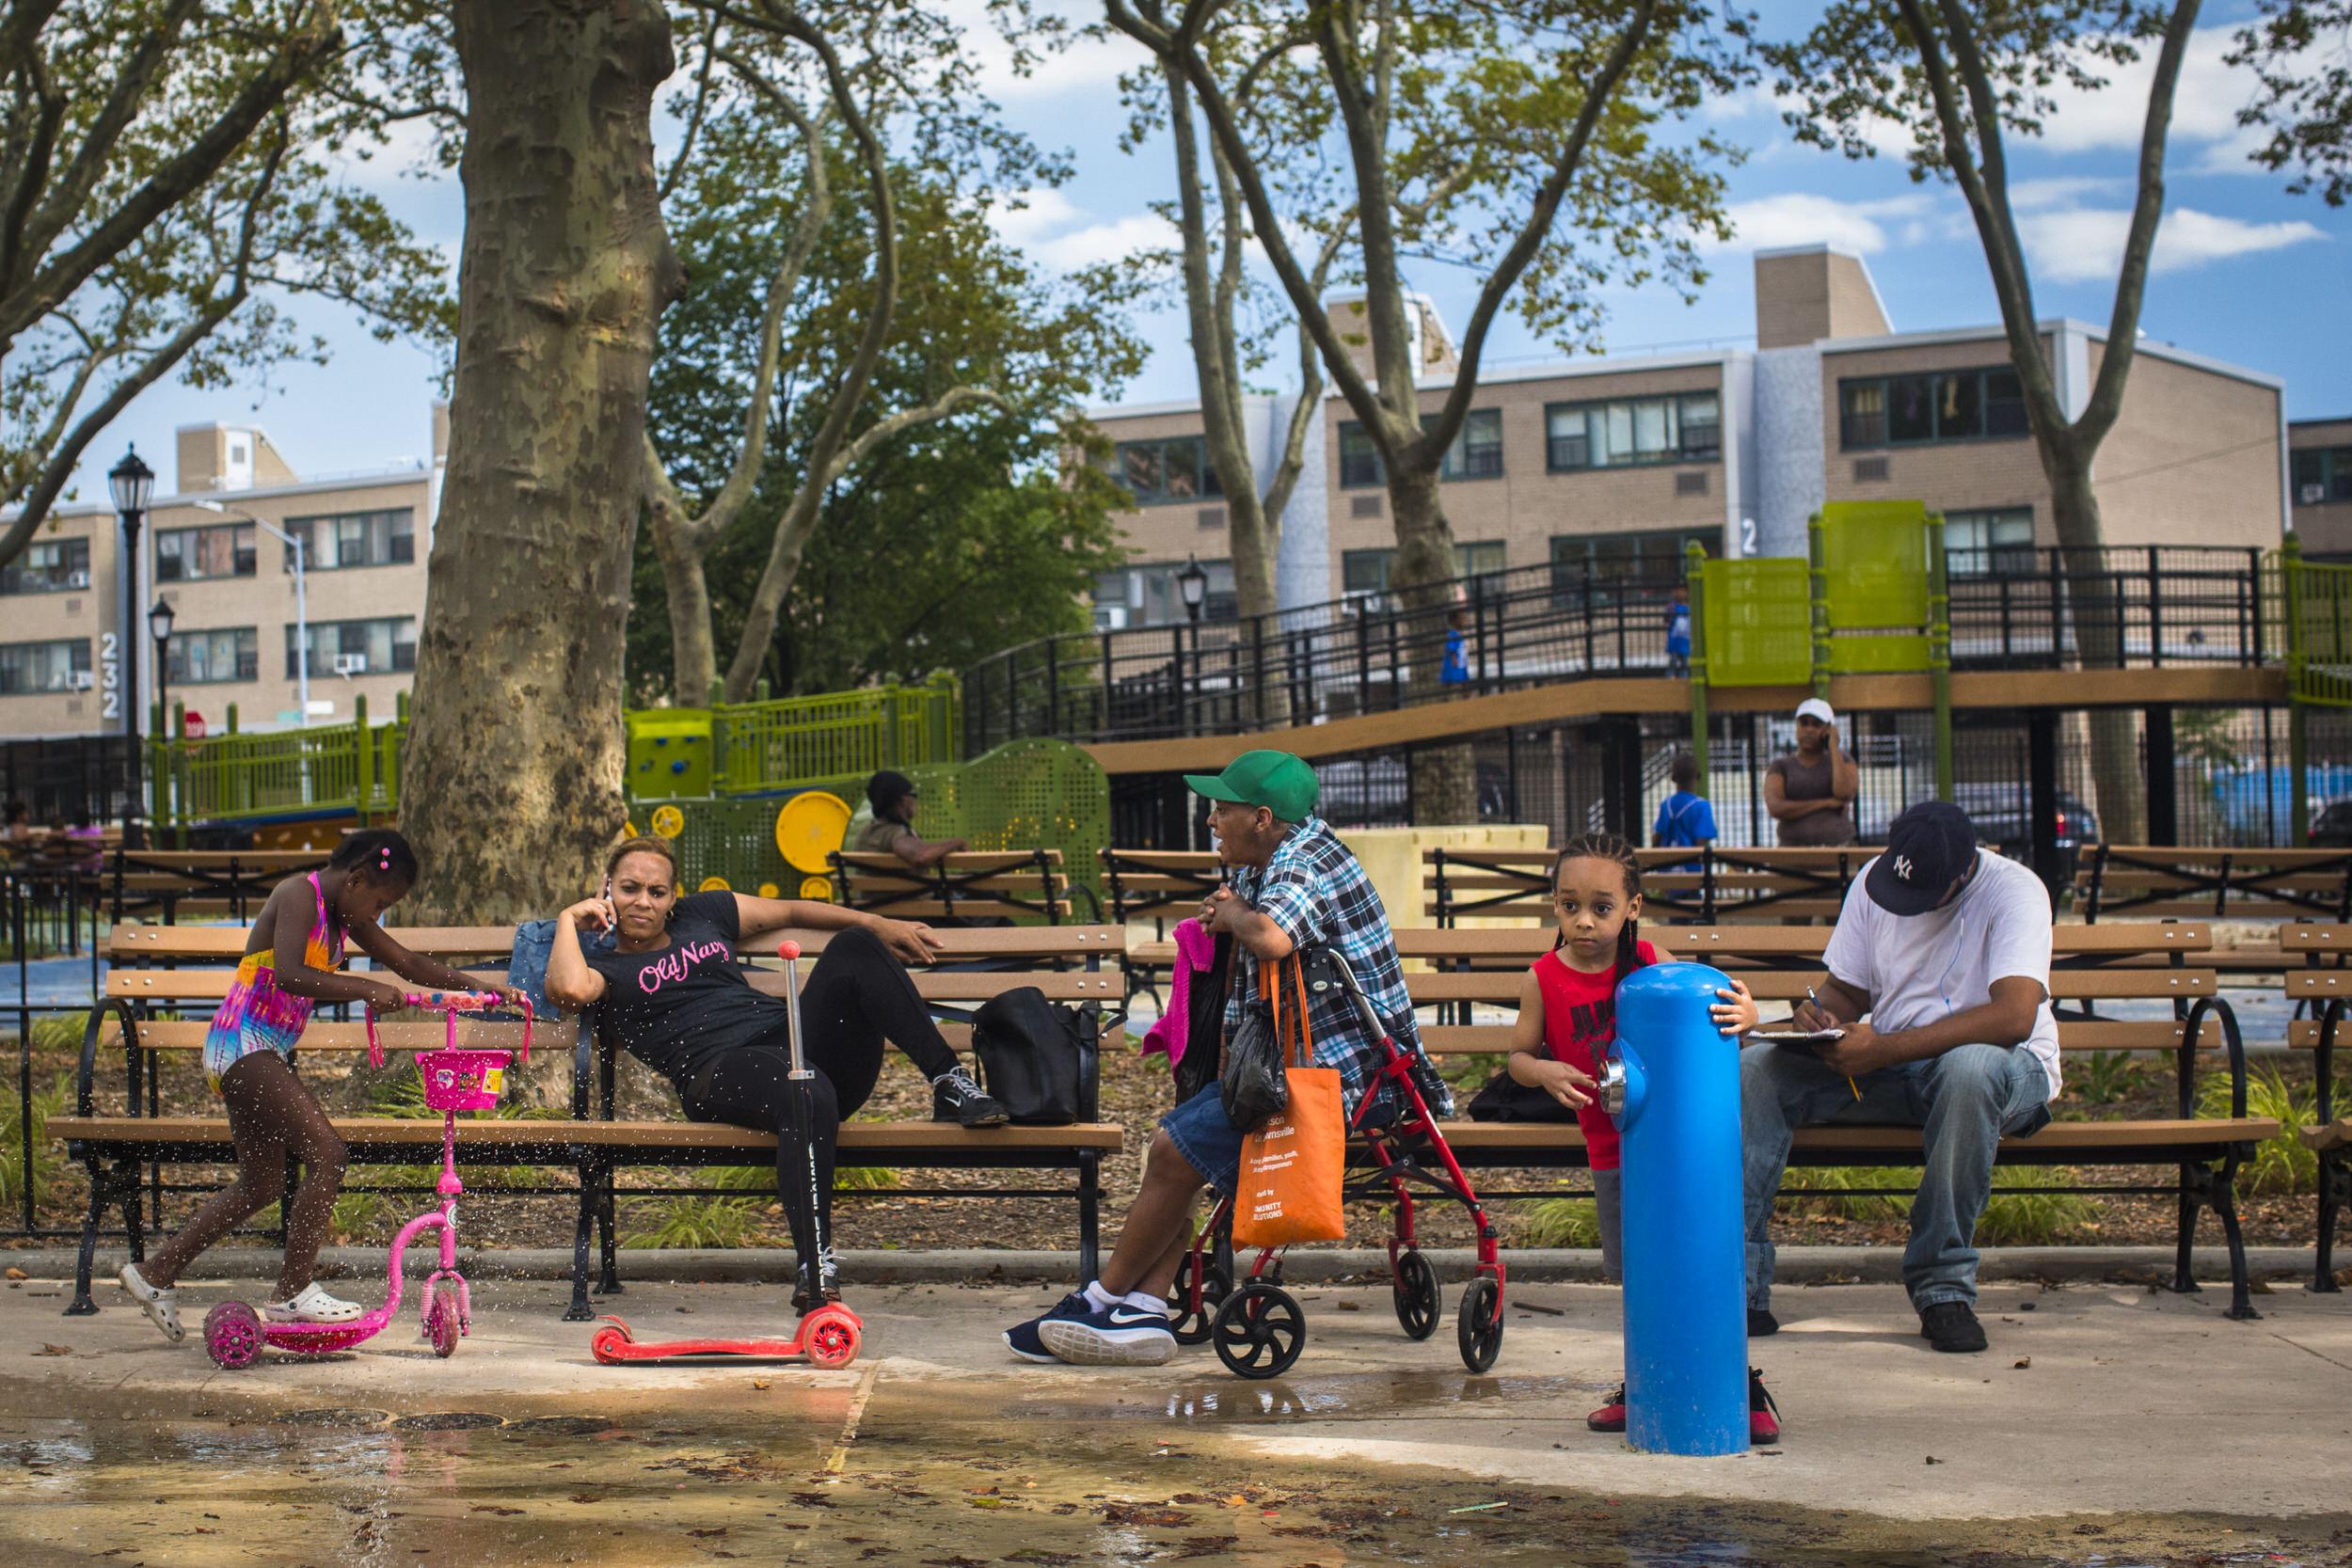 Betsy Head Park, Brooklyn.